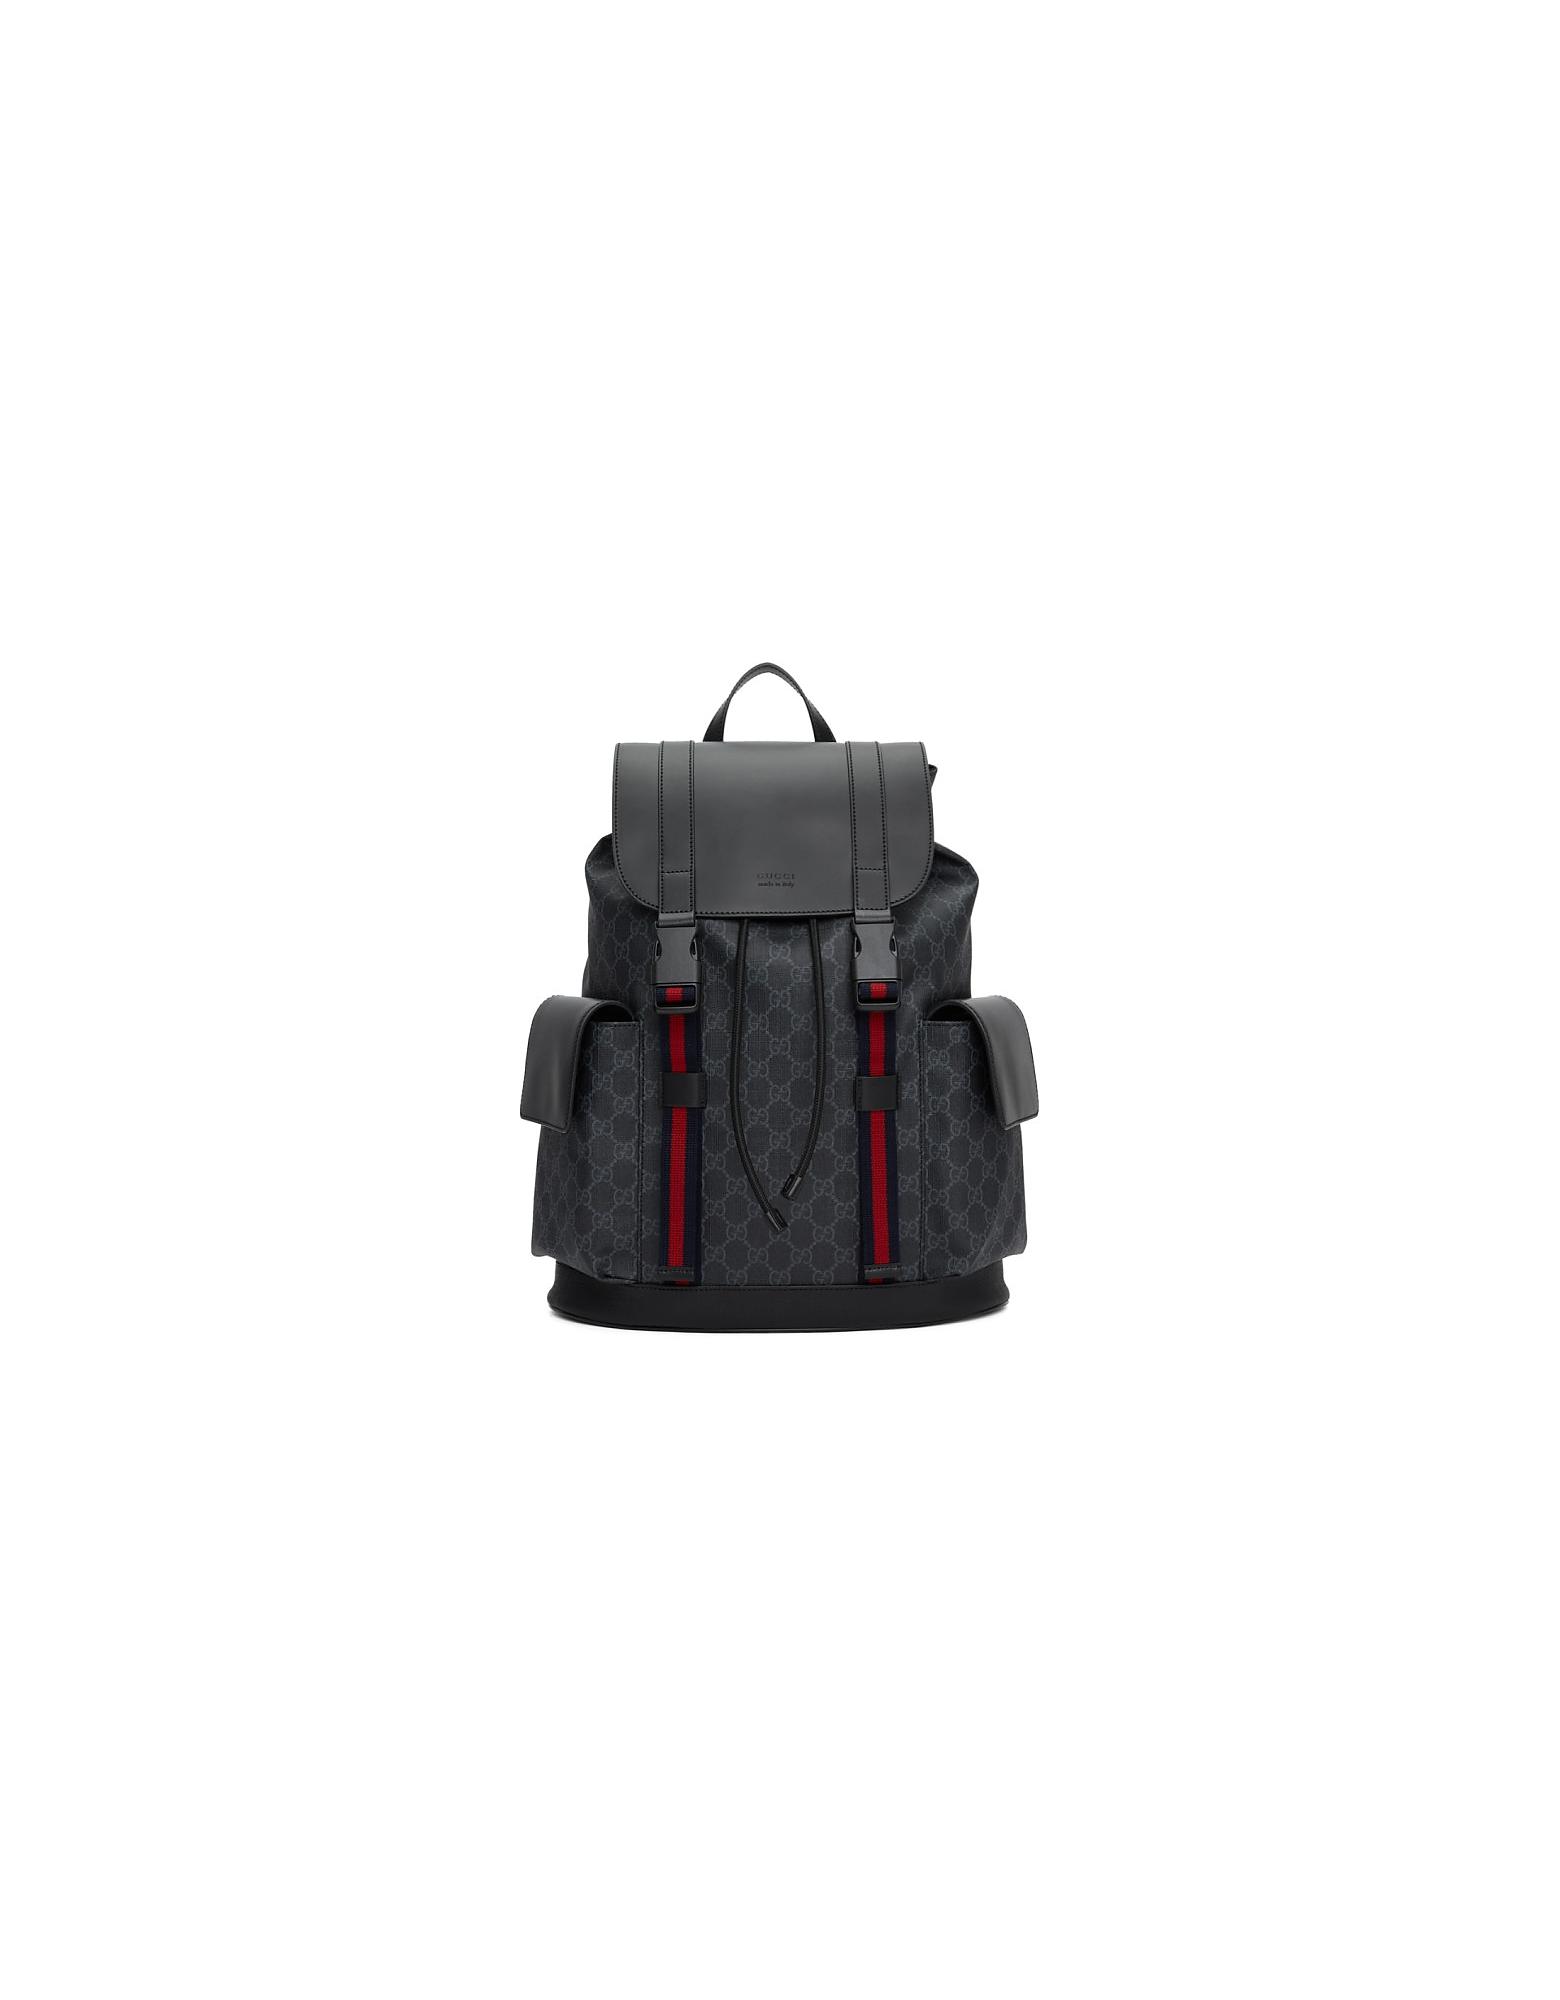 Gucci Designer Men's Bags, Black Soft GG Supreme Backpack